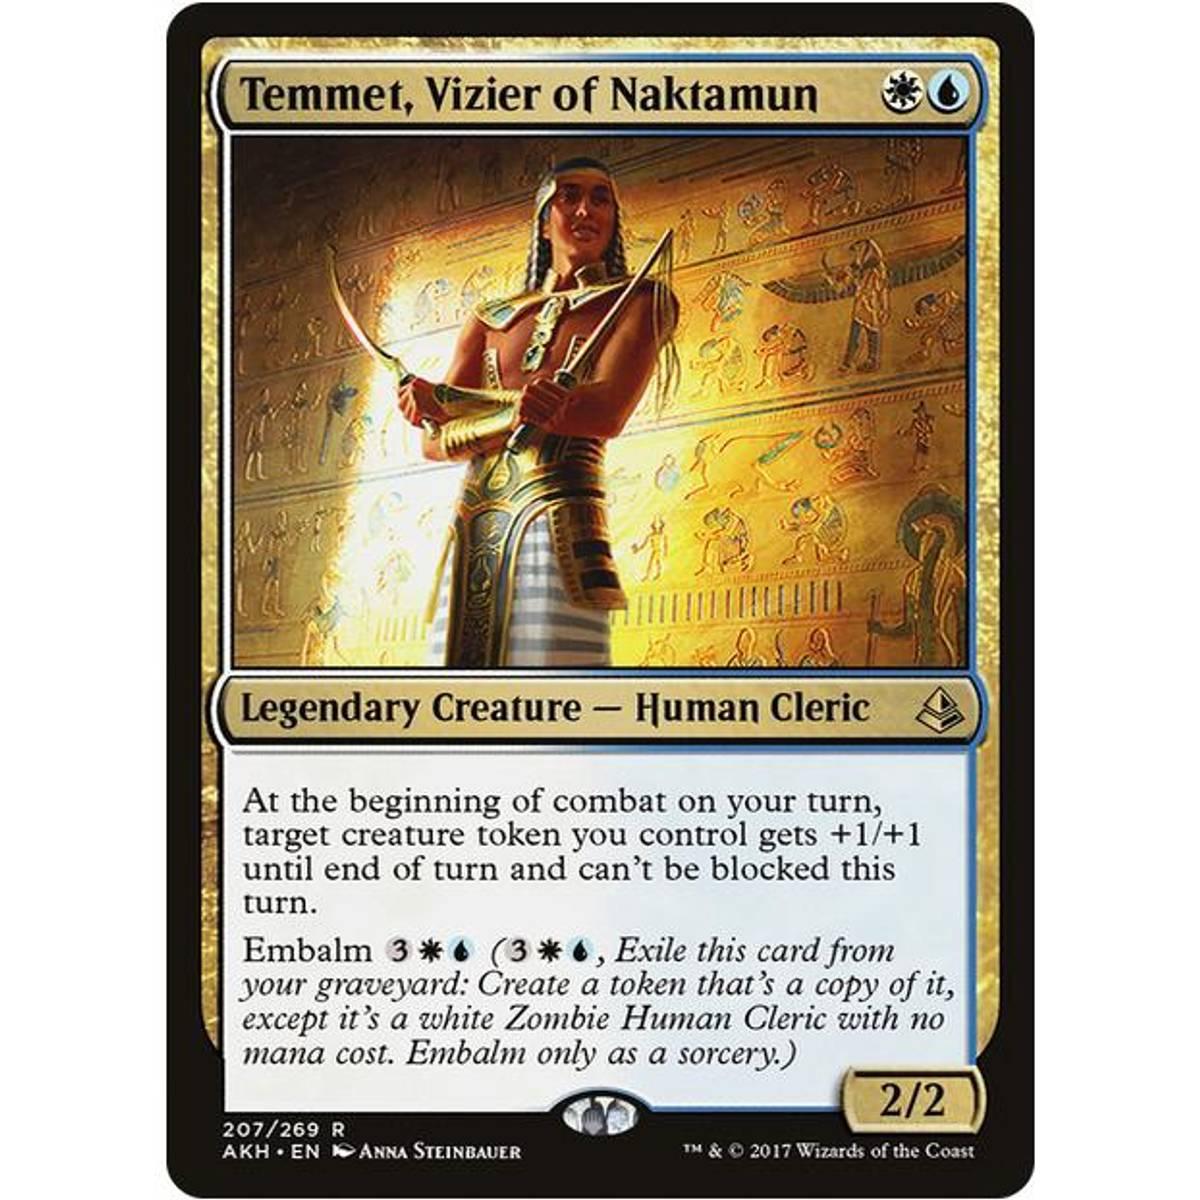 Temmet, Vizier of Naktamun